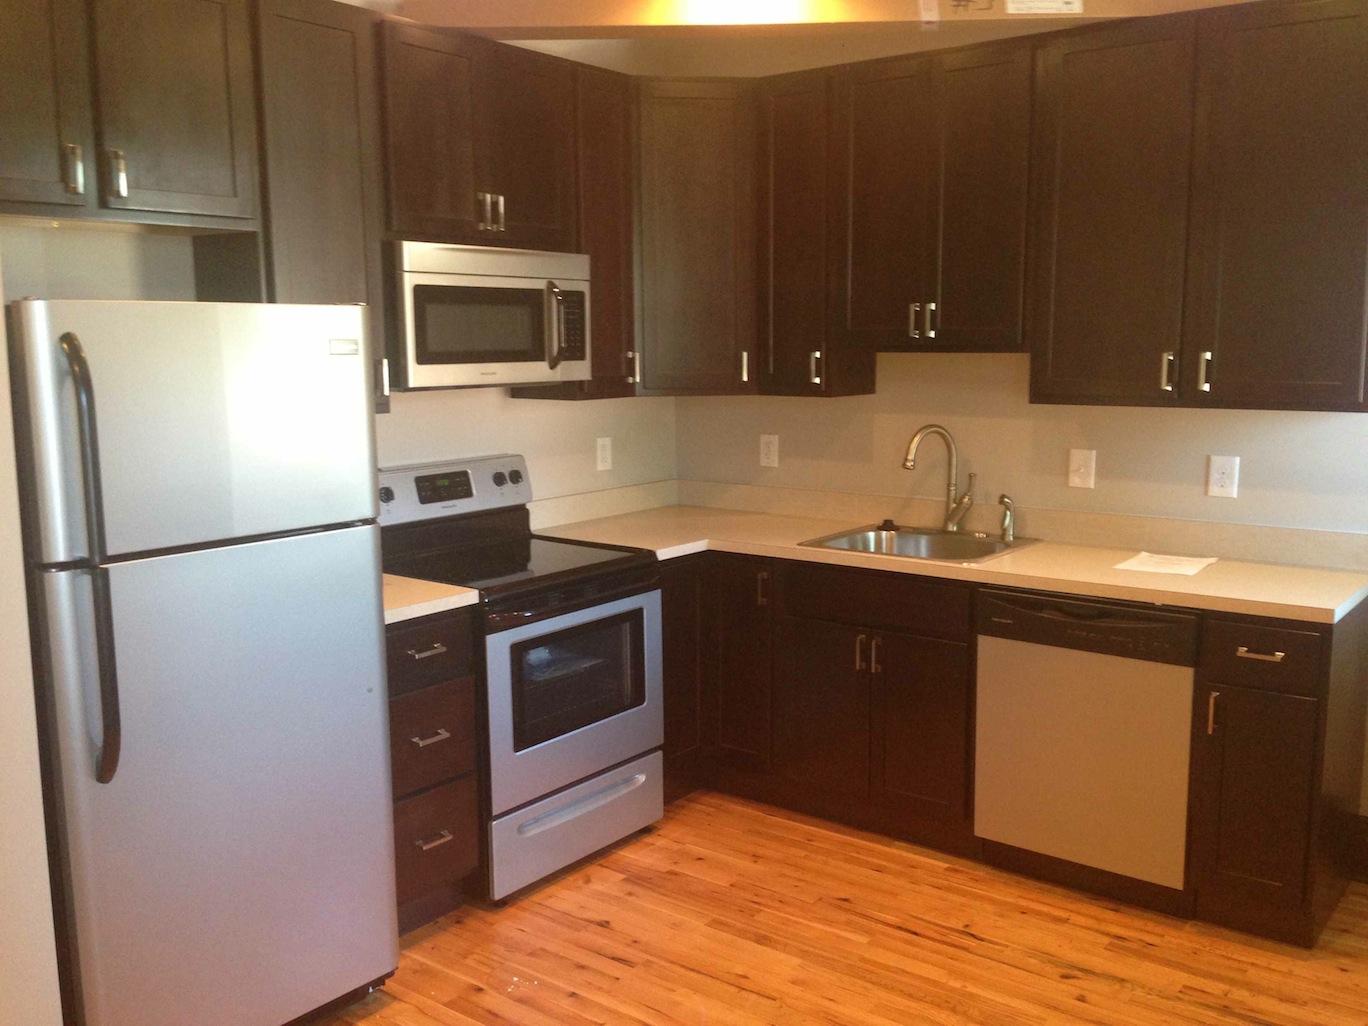 1119 Kitchen copy.jpg